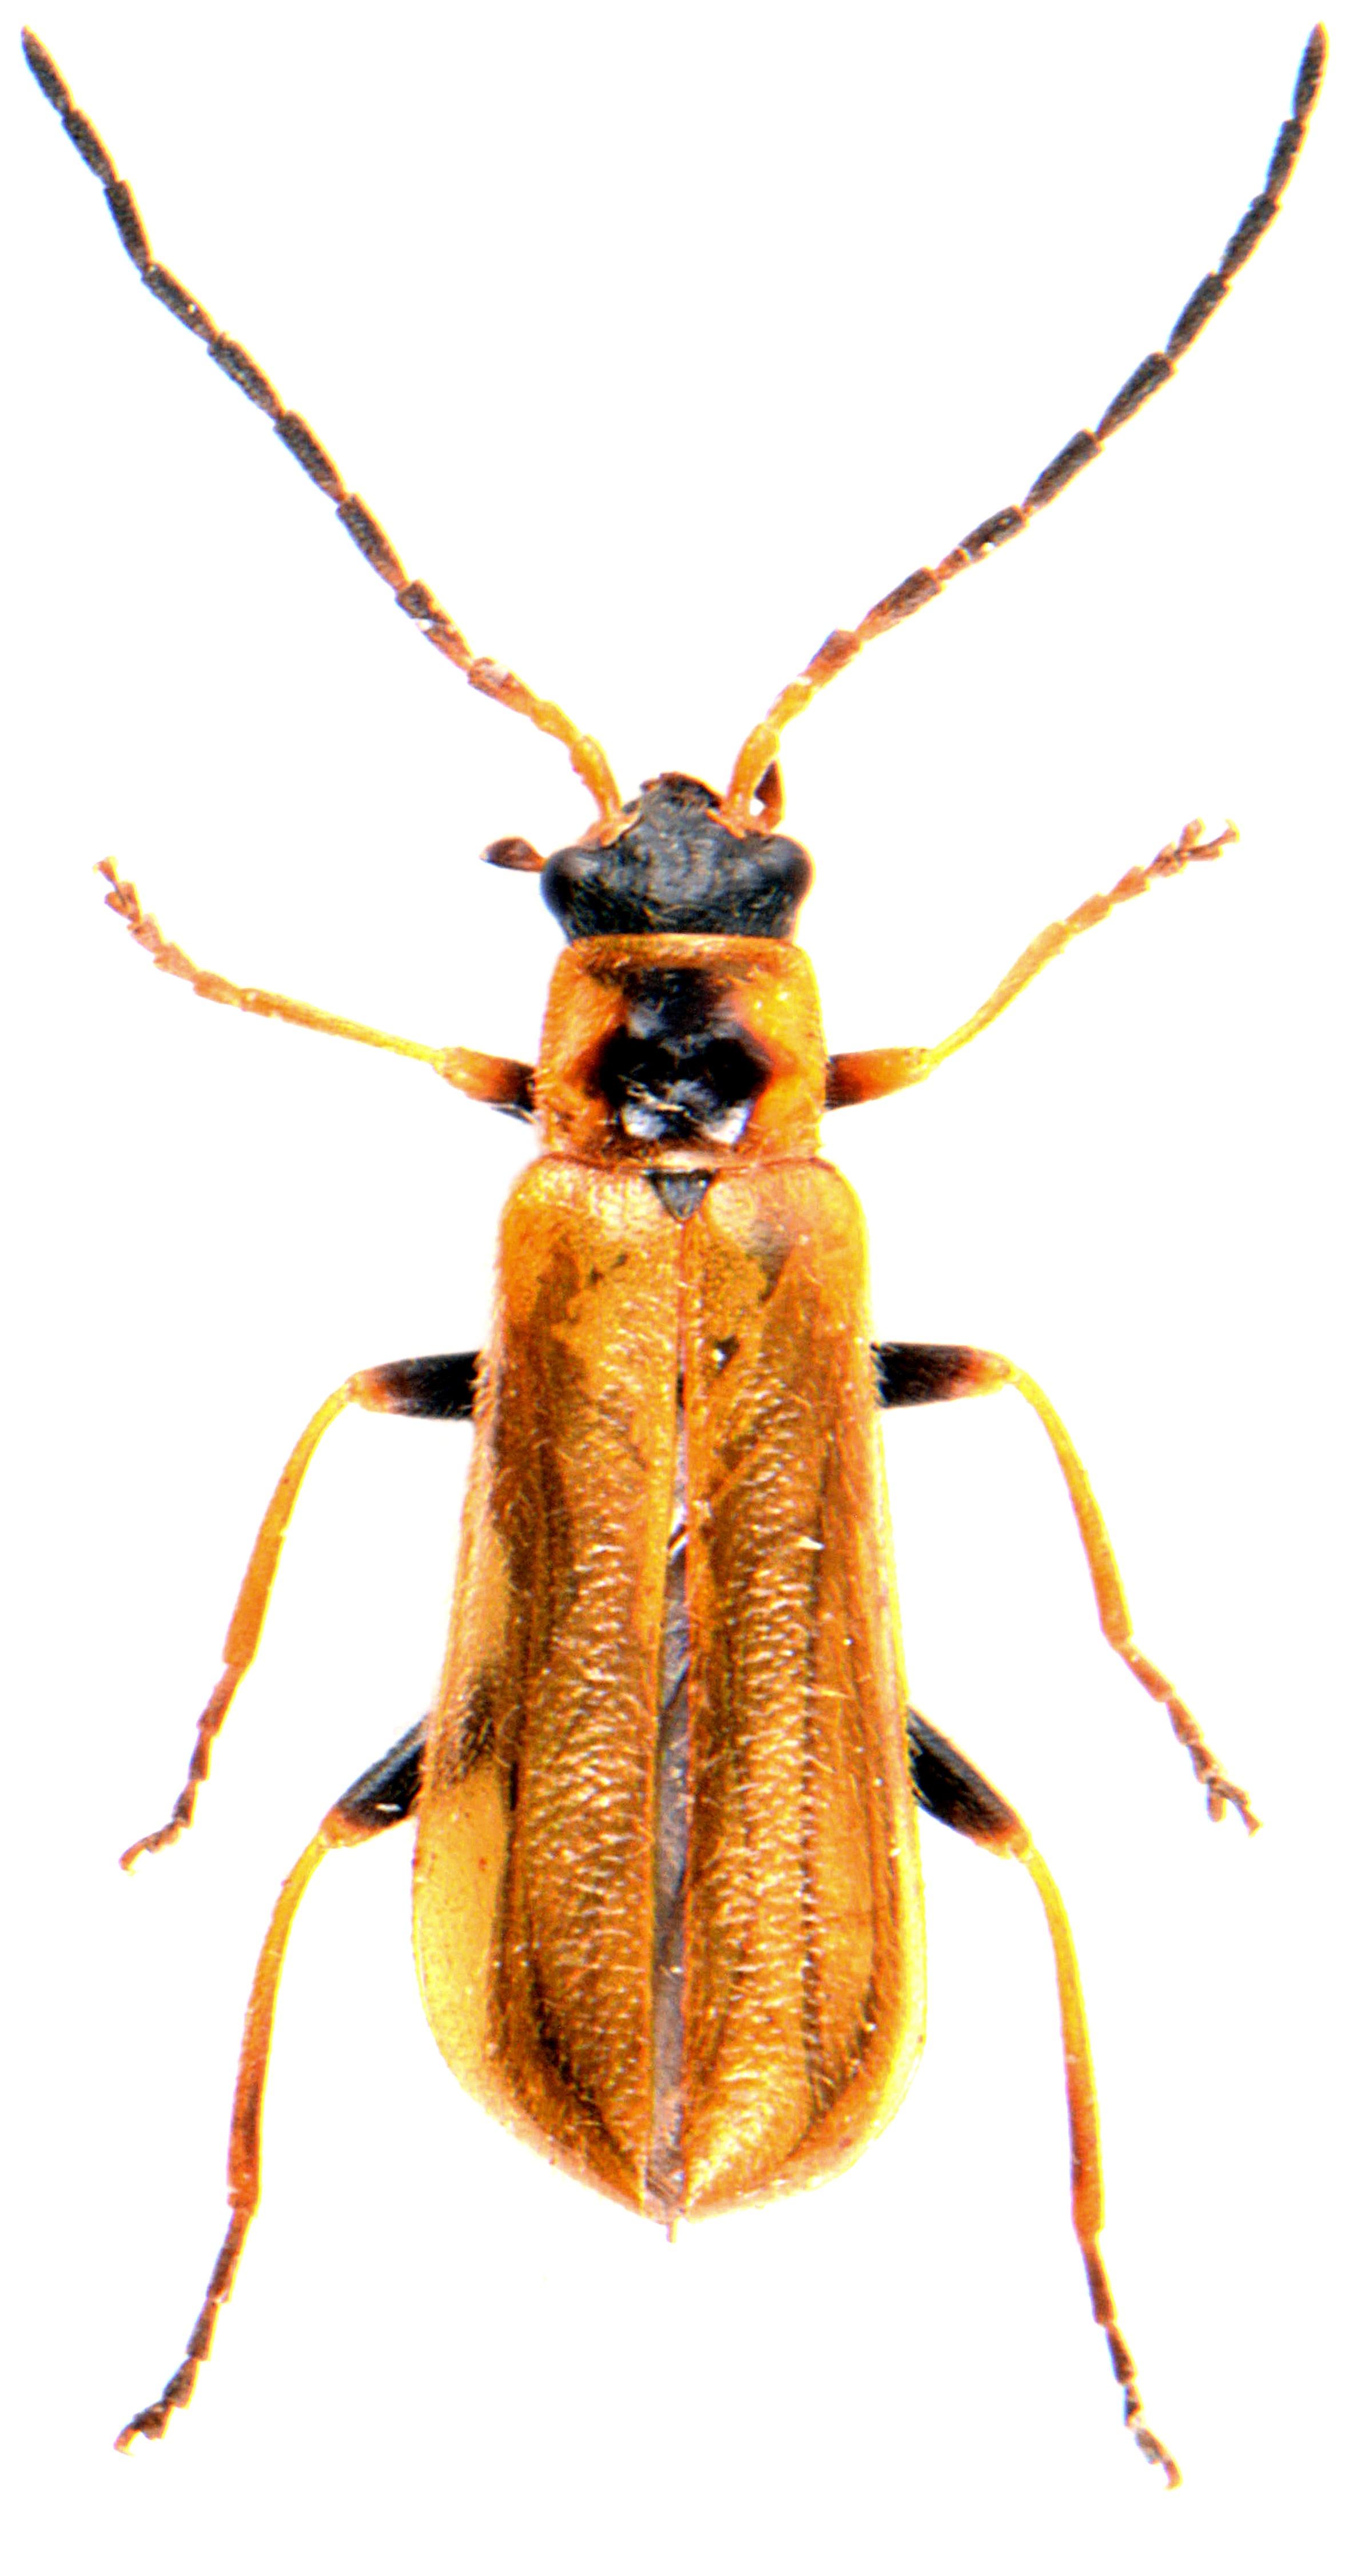 Rhagonycha nigriventris 1